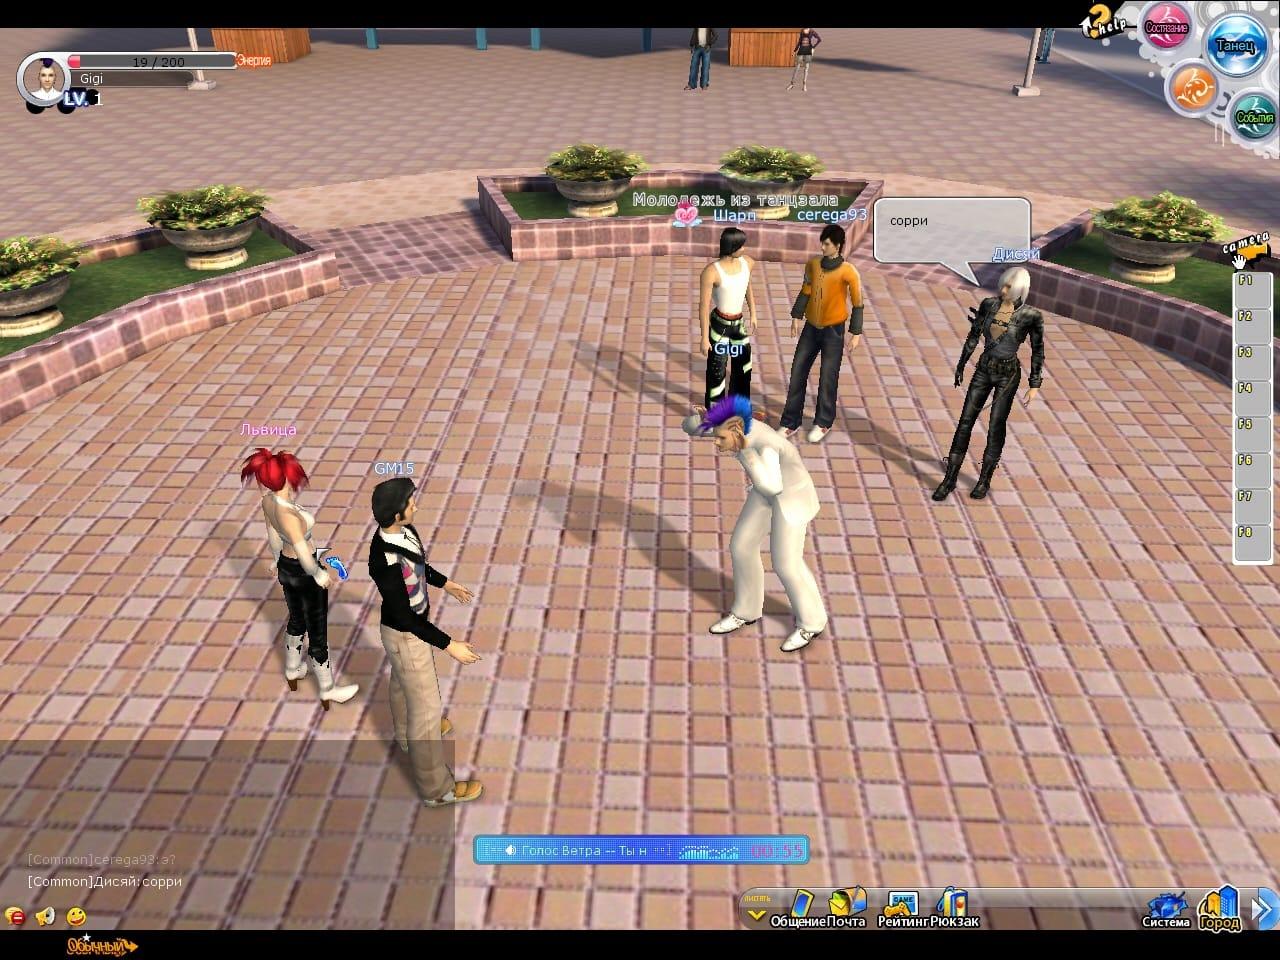 Пара па: город танцев играть онлайн | пара па: город танцев обзор игры.